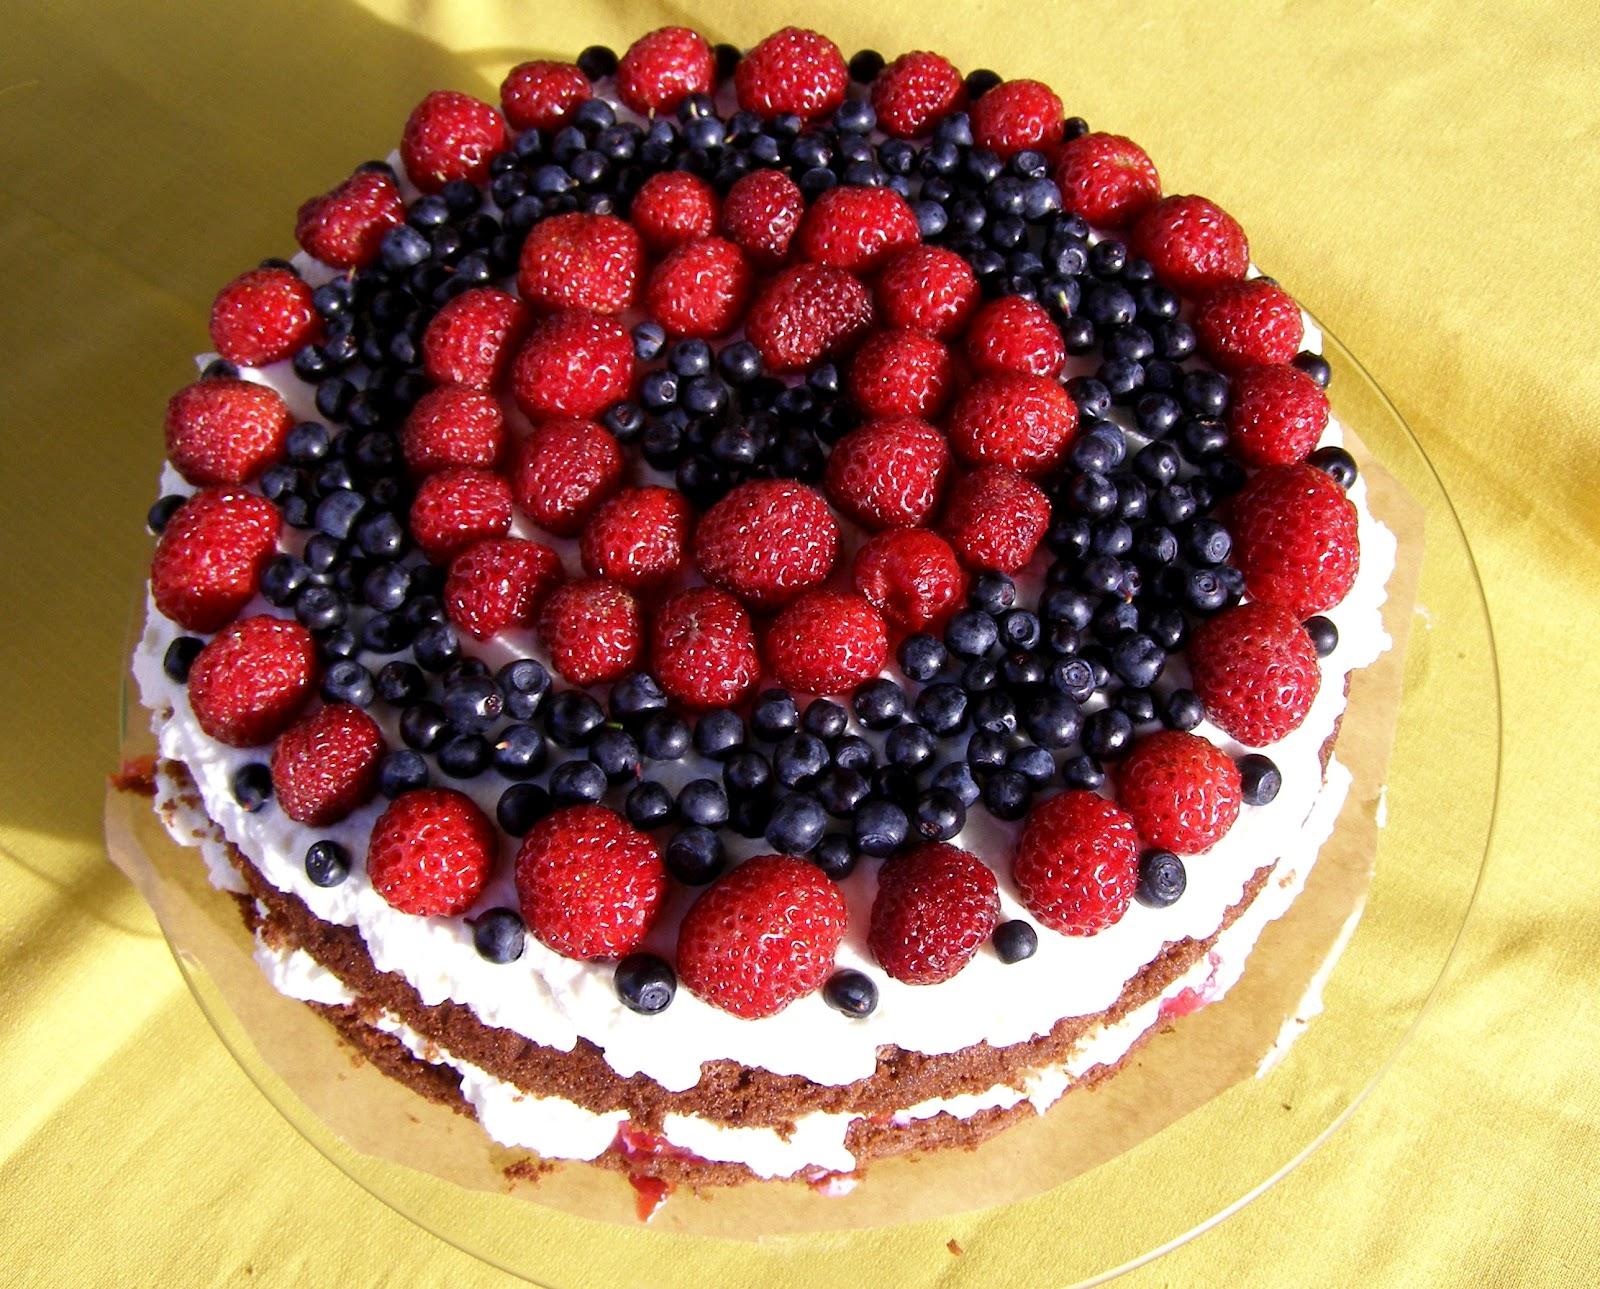 zdravý dort k narozeninám the SILVER SPOON GIRL: Narozeniny zdravý dort k narozeninám